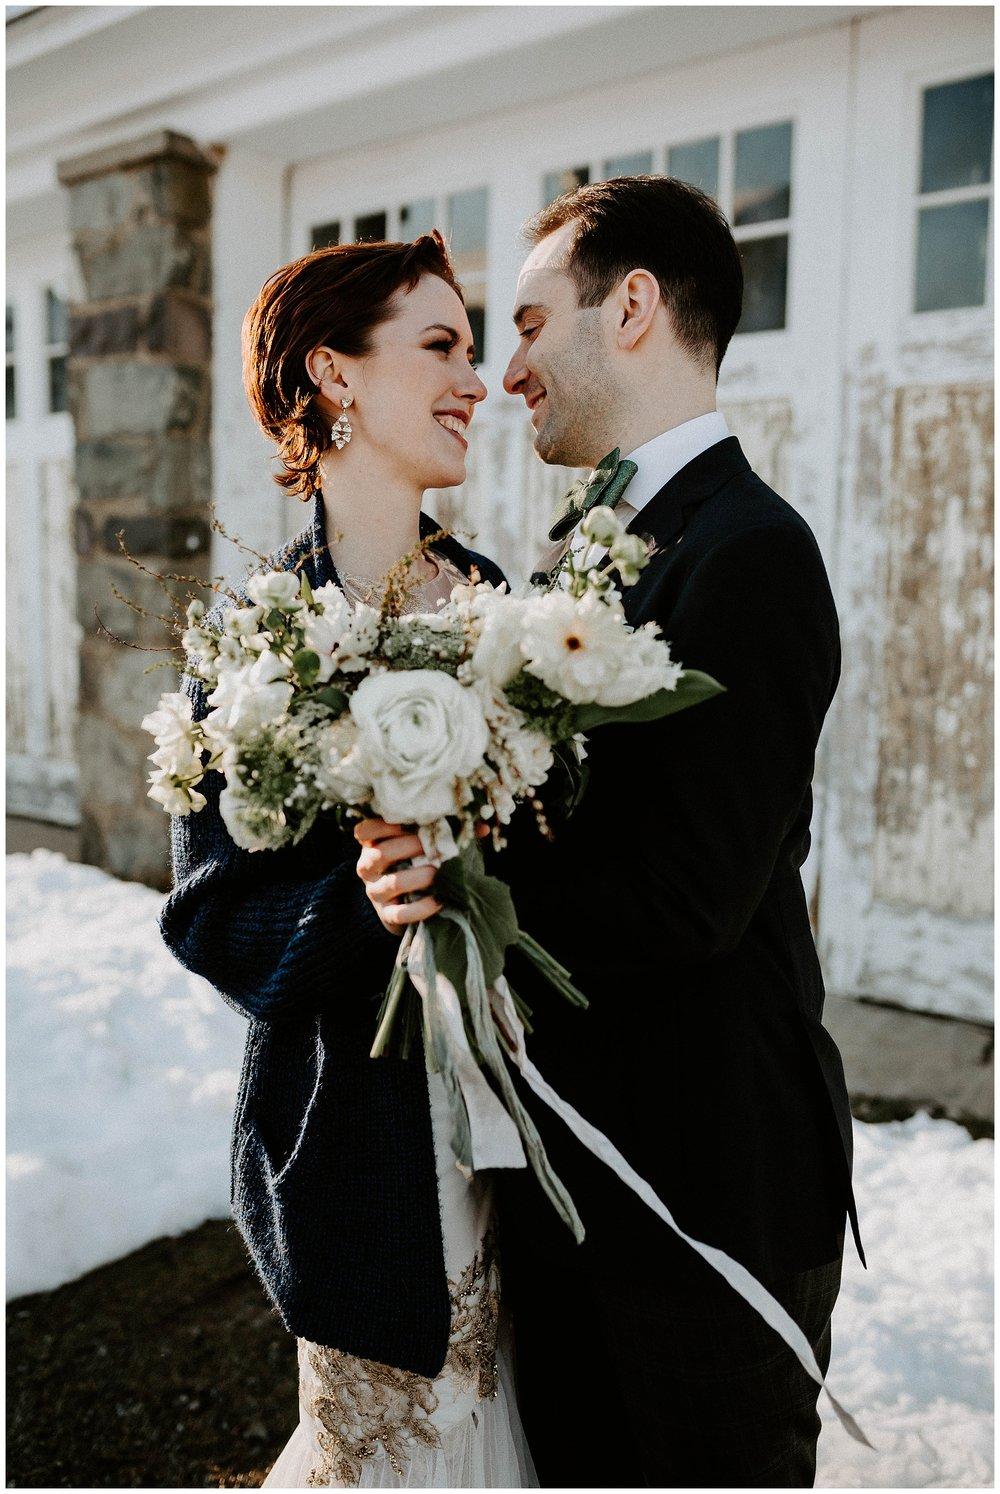 Pocono Winter Wedding with Bride and Groom_0200.jpg